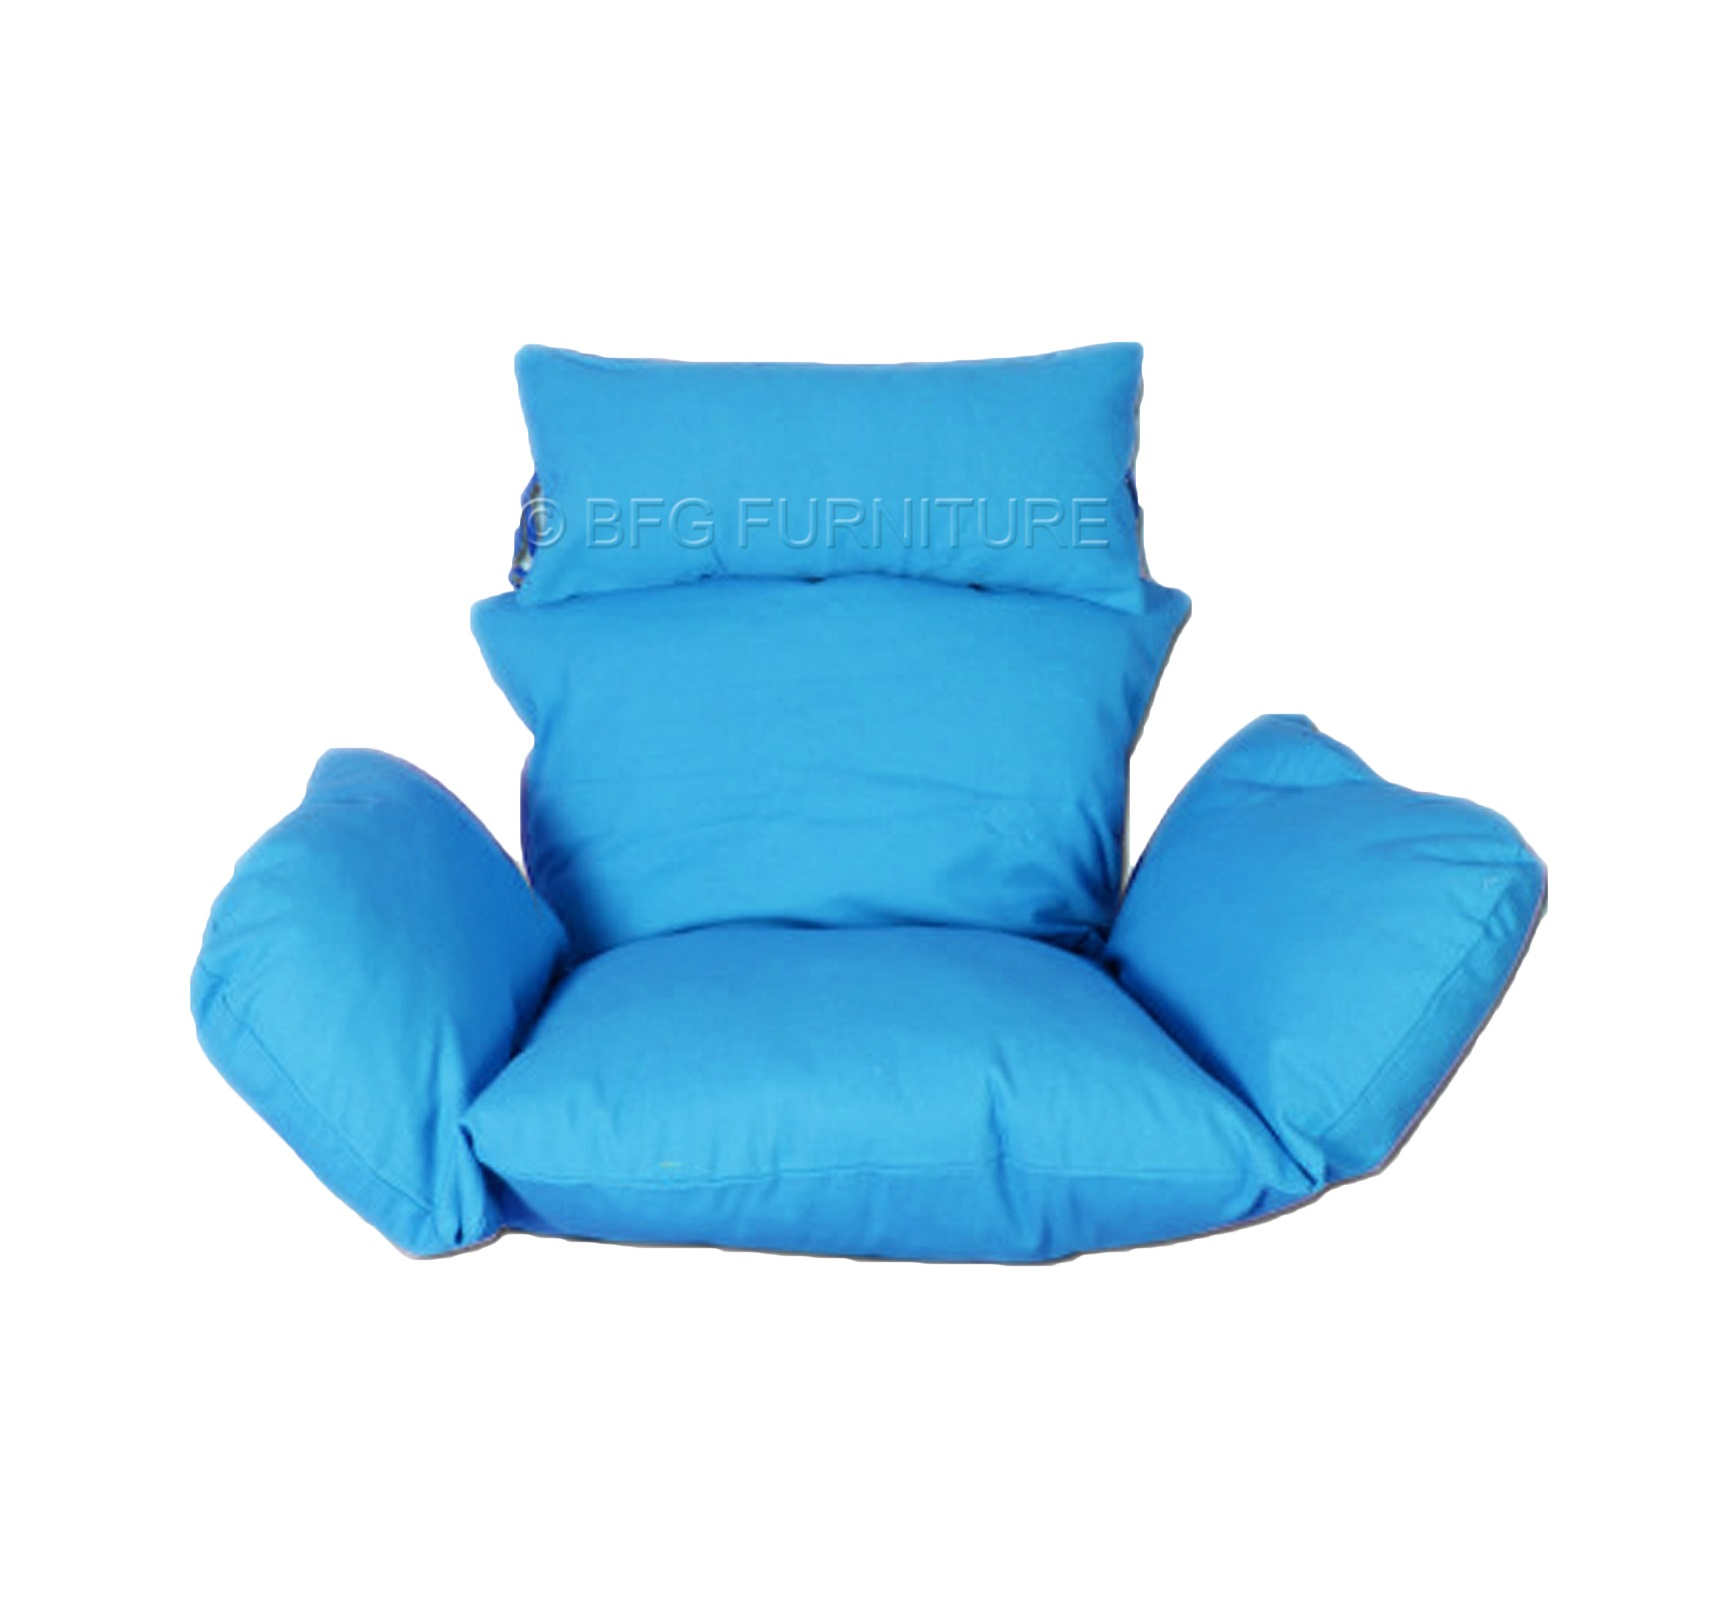 Classic Cushions - Light Blue